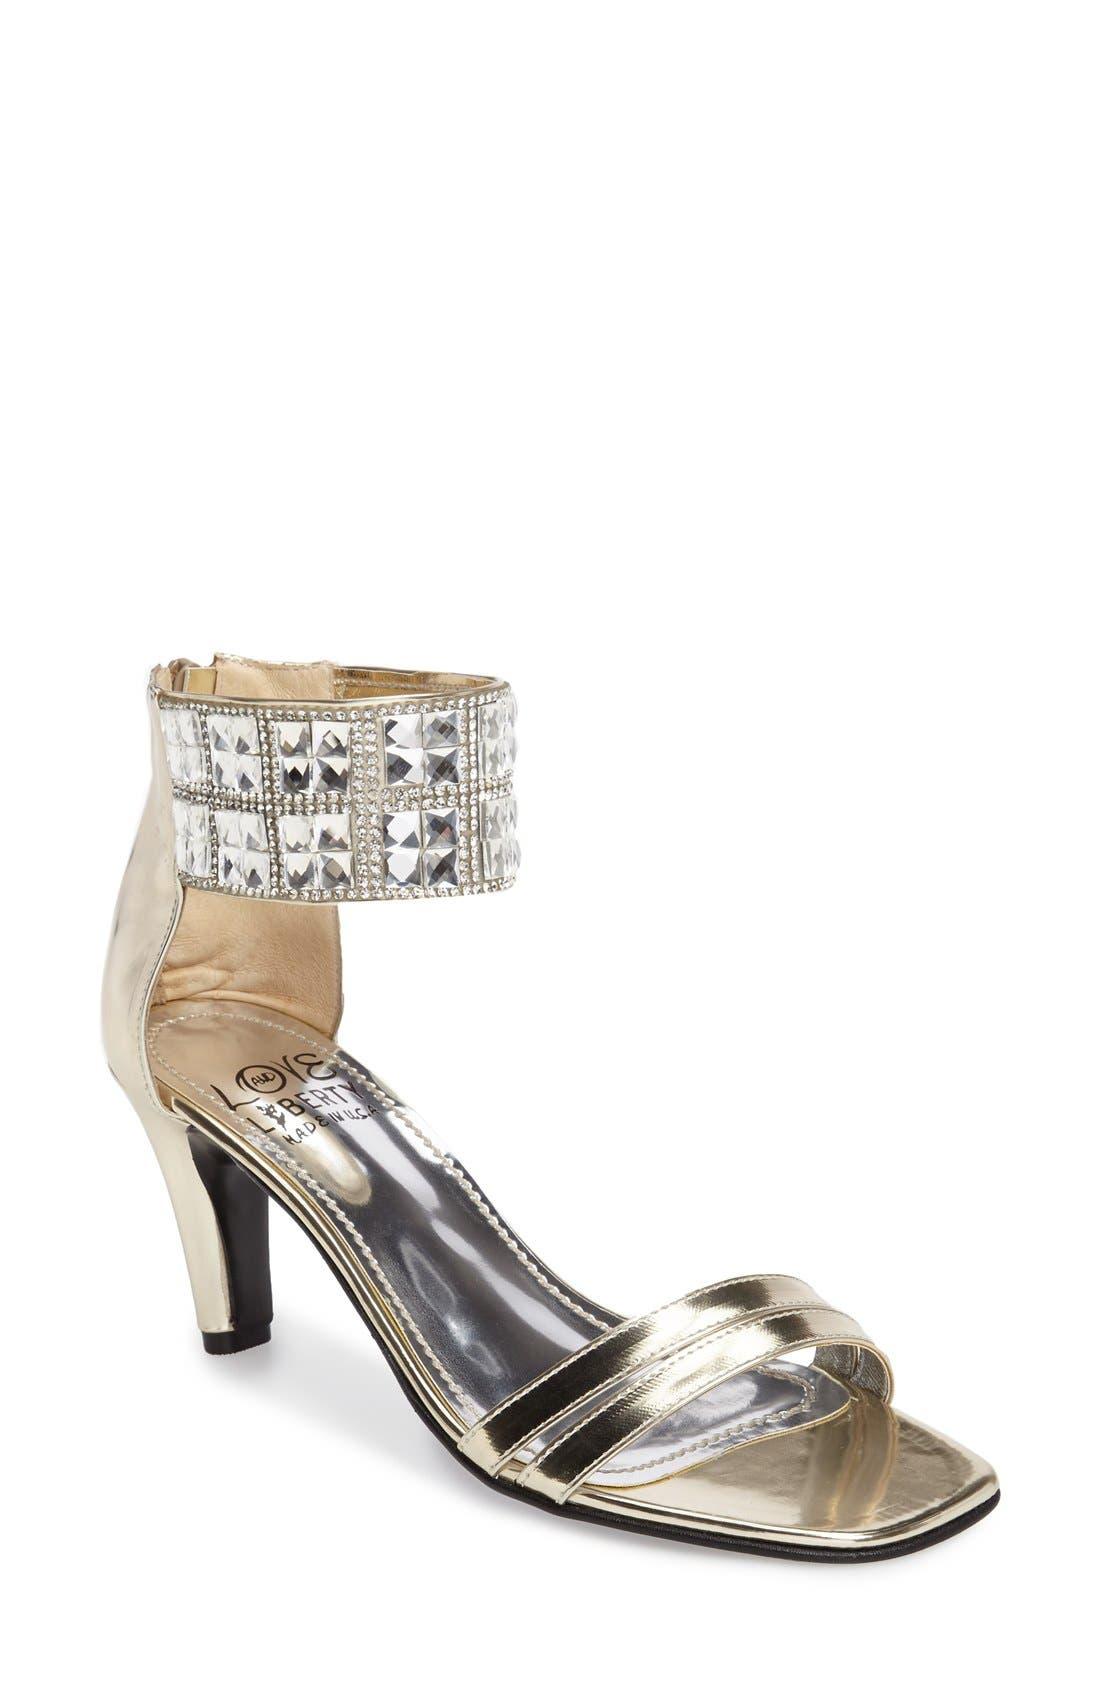 Scarlett Crystal Embellished Evening Sandal,                         Main,                         color, PLATINUM FAUX LEATHER